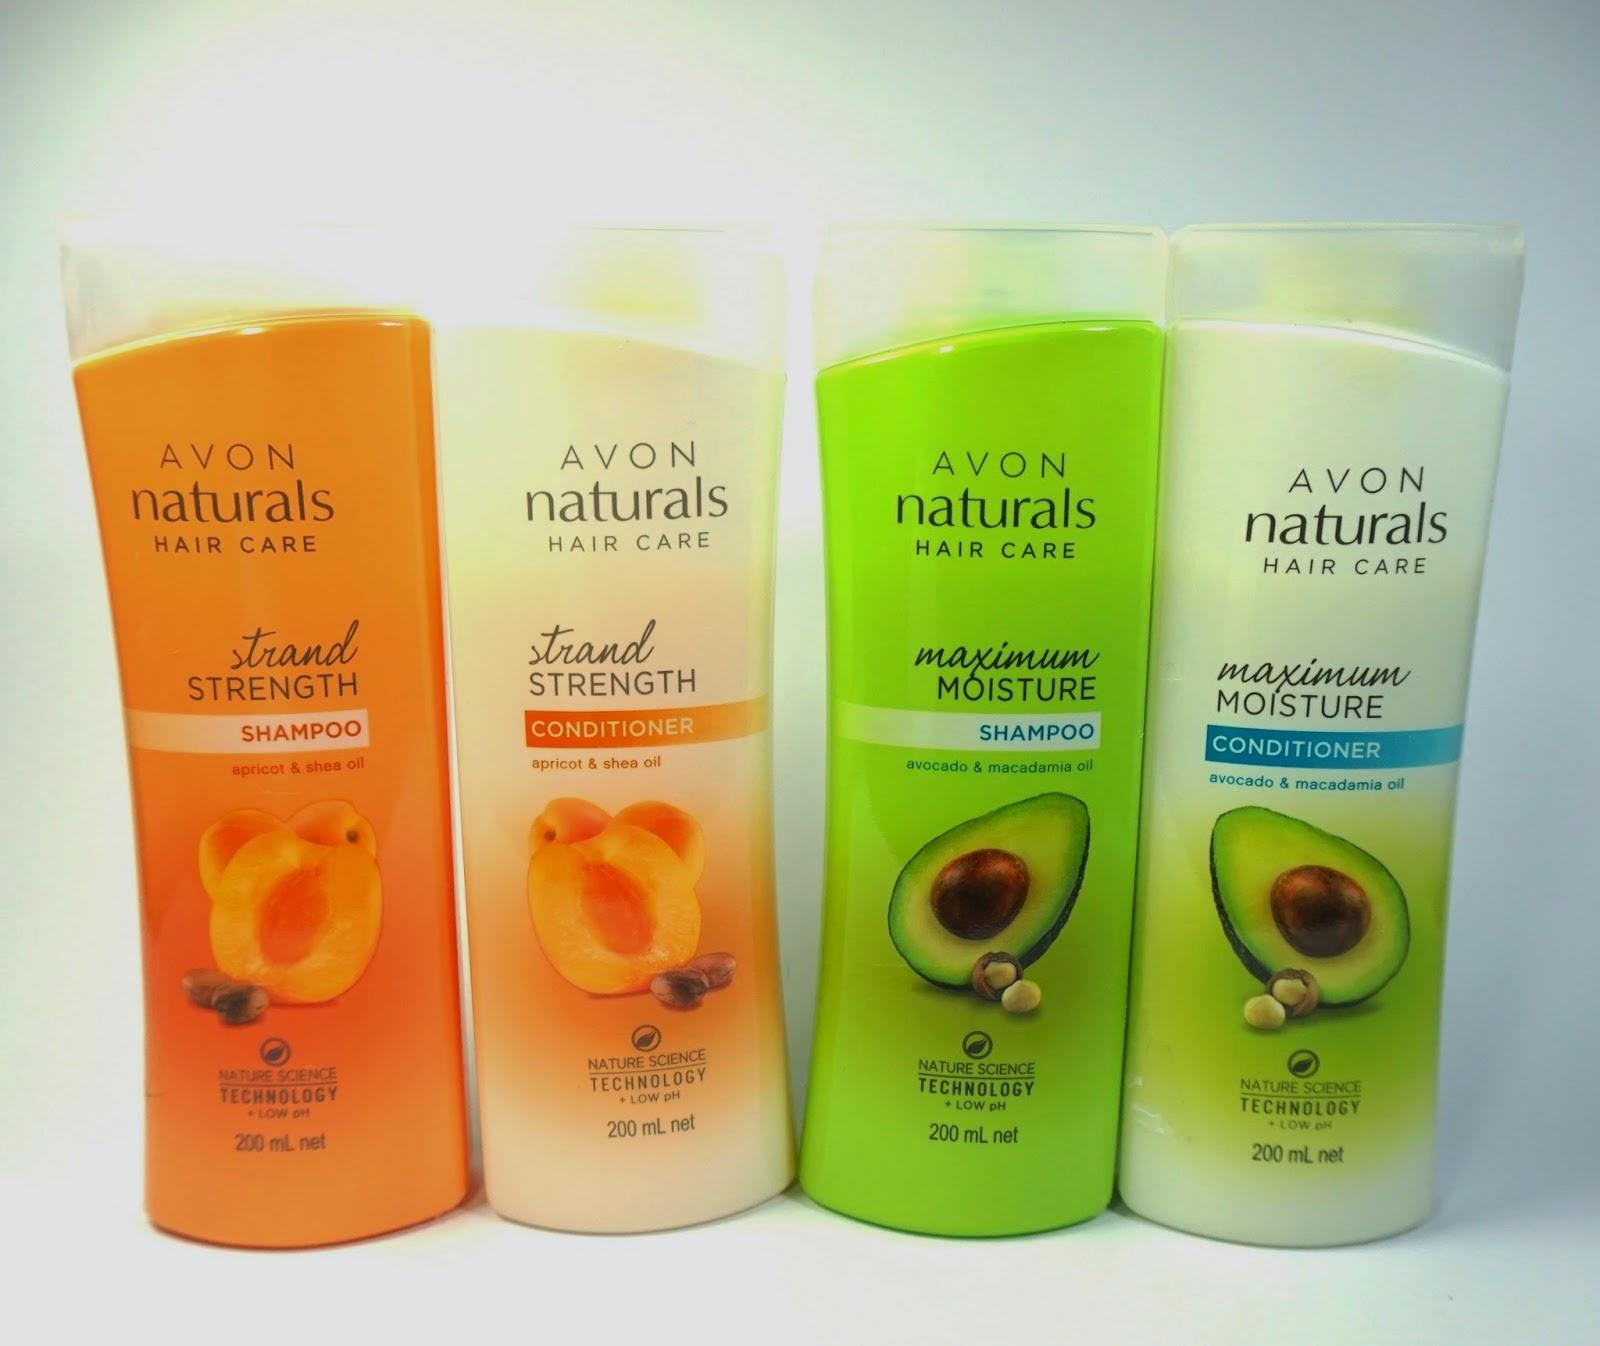 Just Naturals Shampoo Reviews